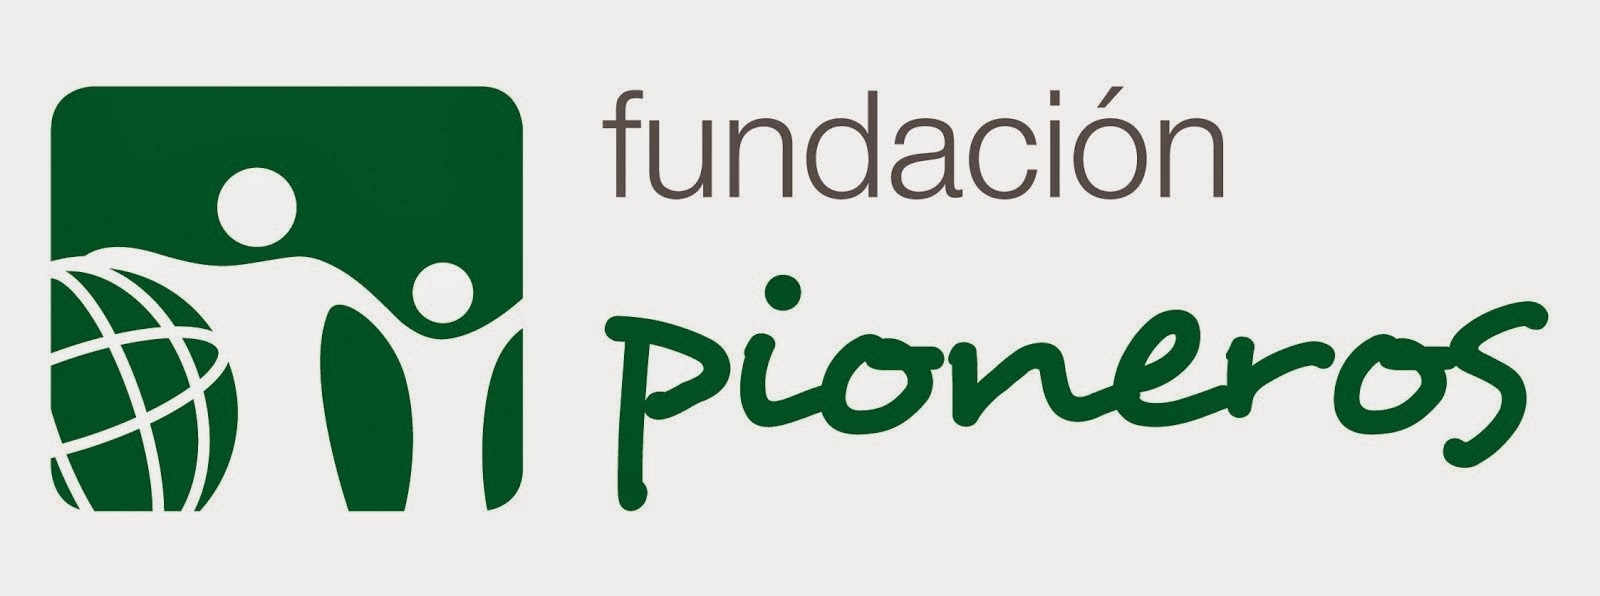 Un programa de Fundación Pioneros